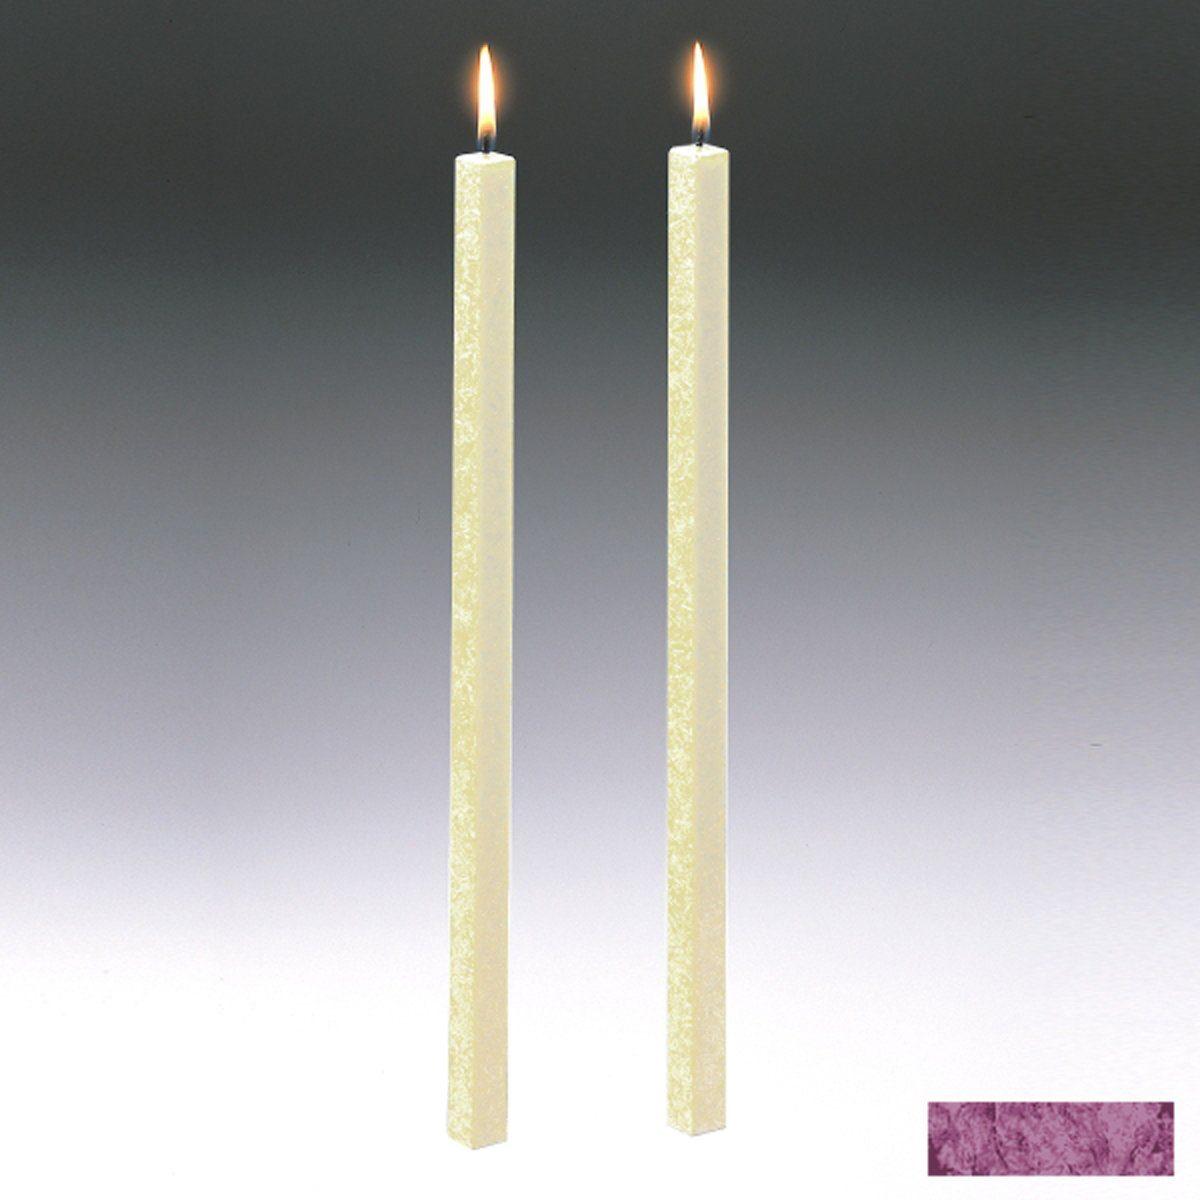 Amabiente Amabiente Kerze CLASSIC Purpur 40cm - 2er Set